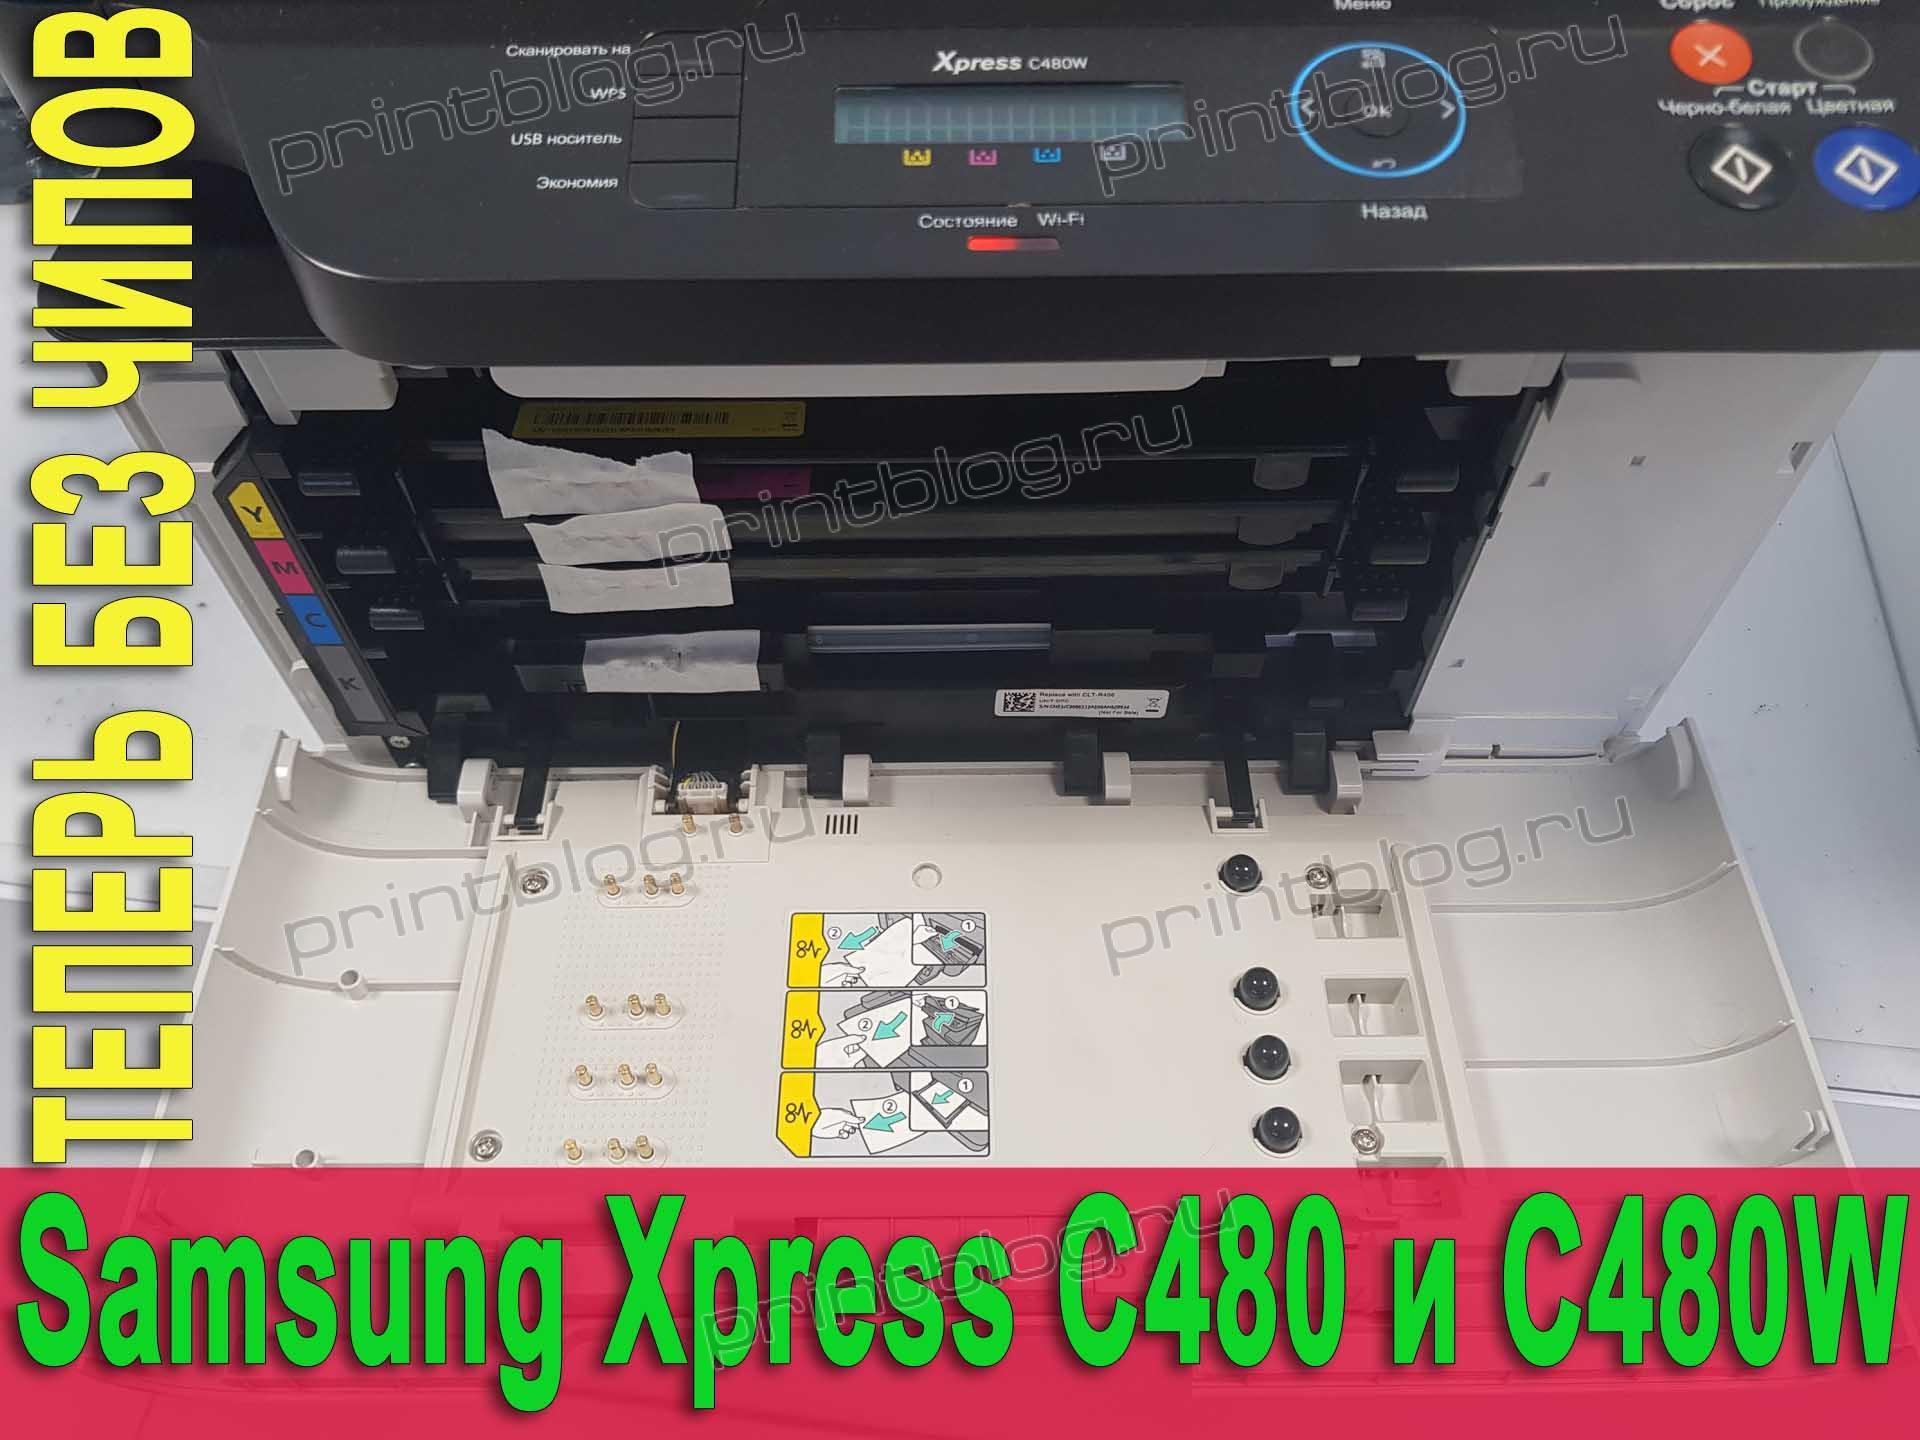 Прошивка принтера Samsung Xpress C480, C483, C480W и C480FN. Зачем Как Инструкция Видео